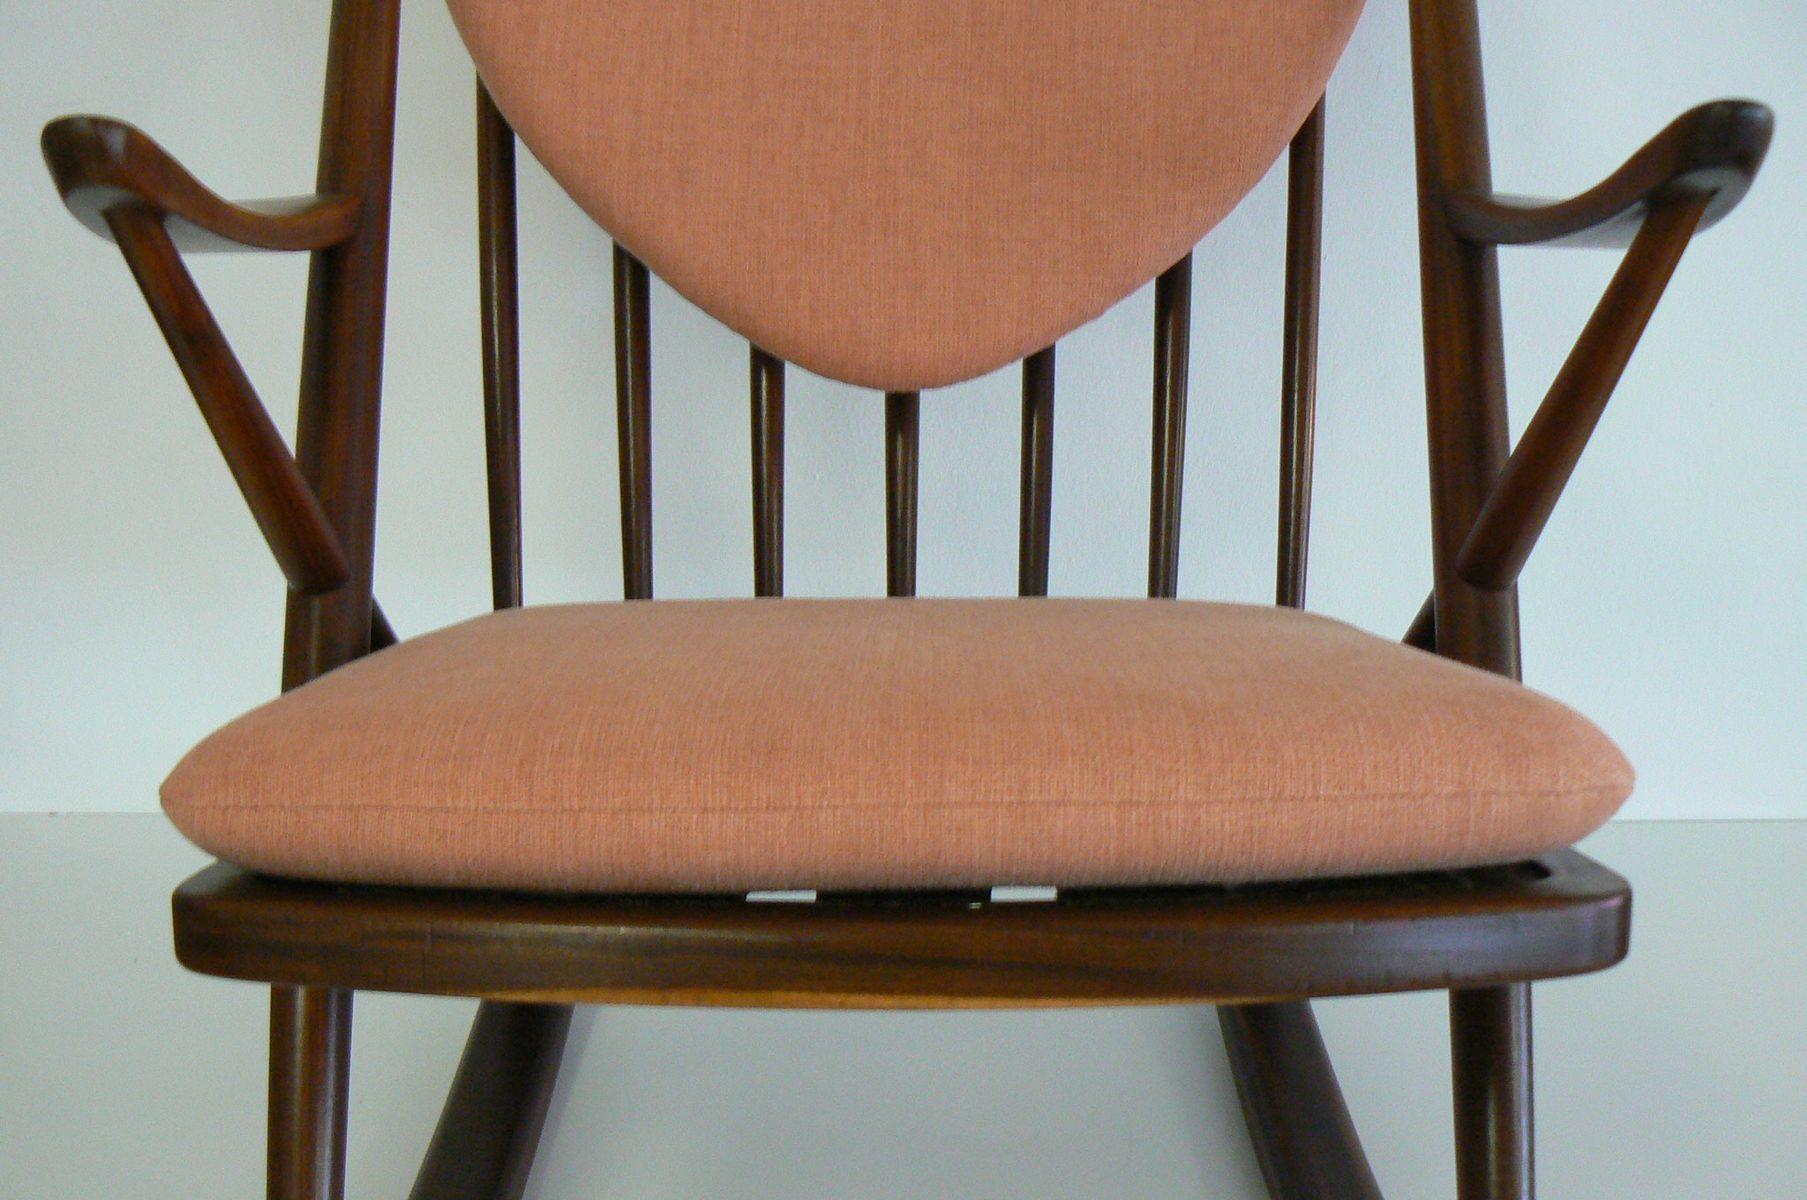 Sedia a dondolo altalena acquista a poco prezzo sedia a dondolo